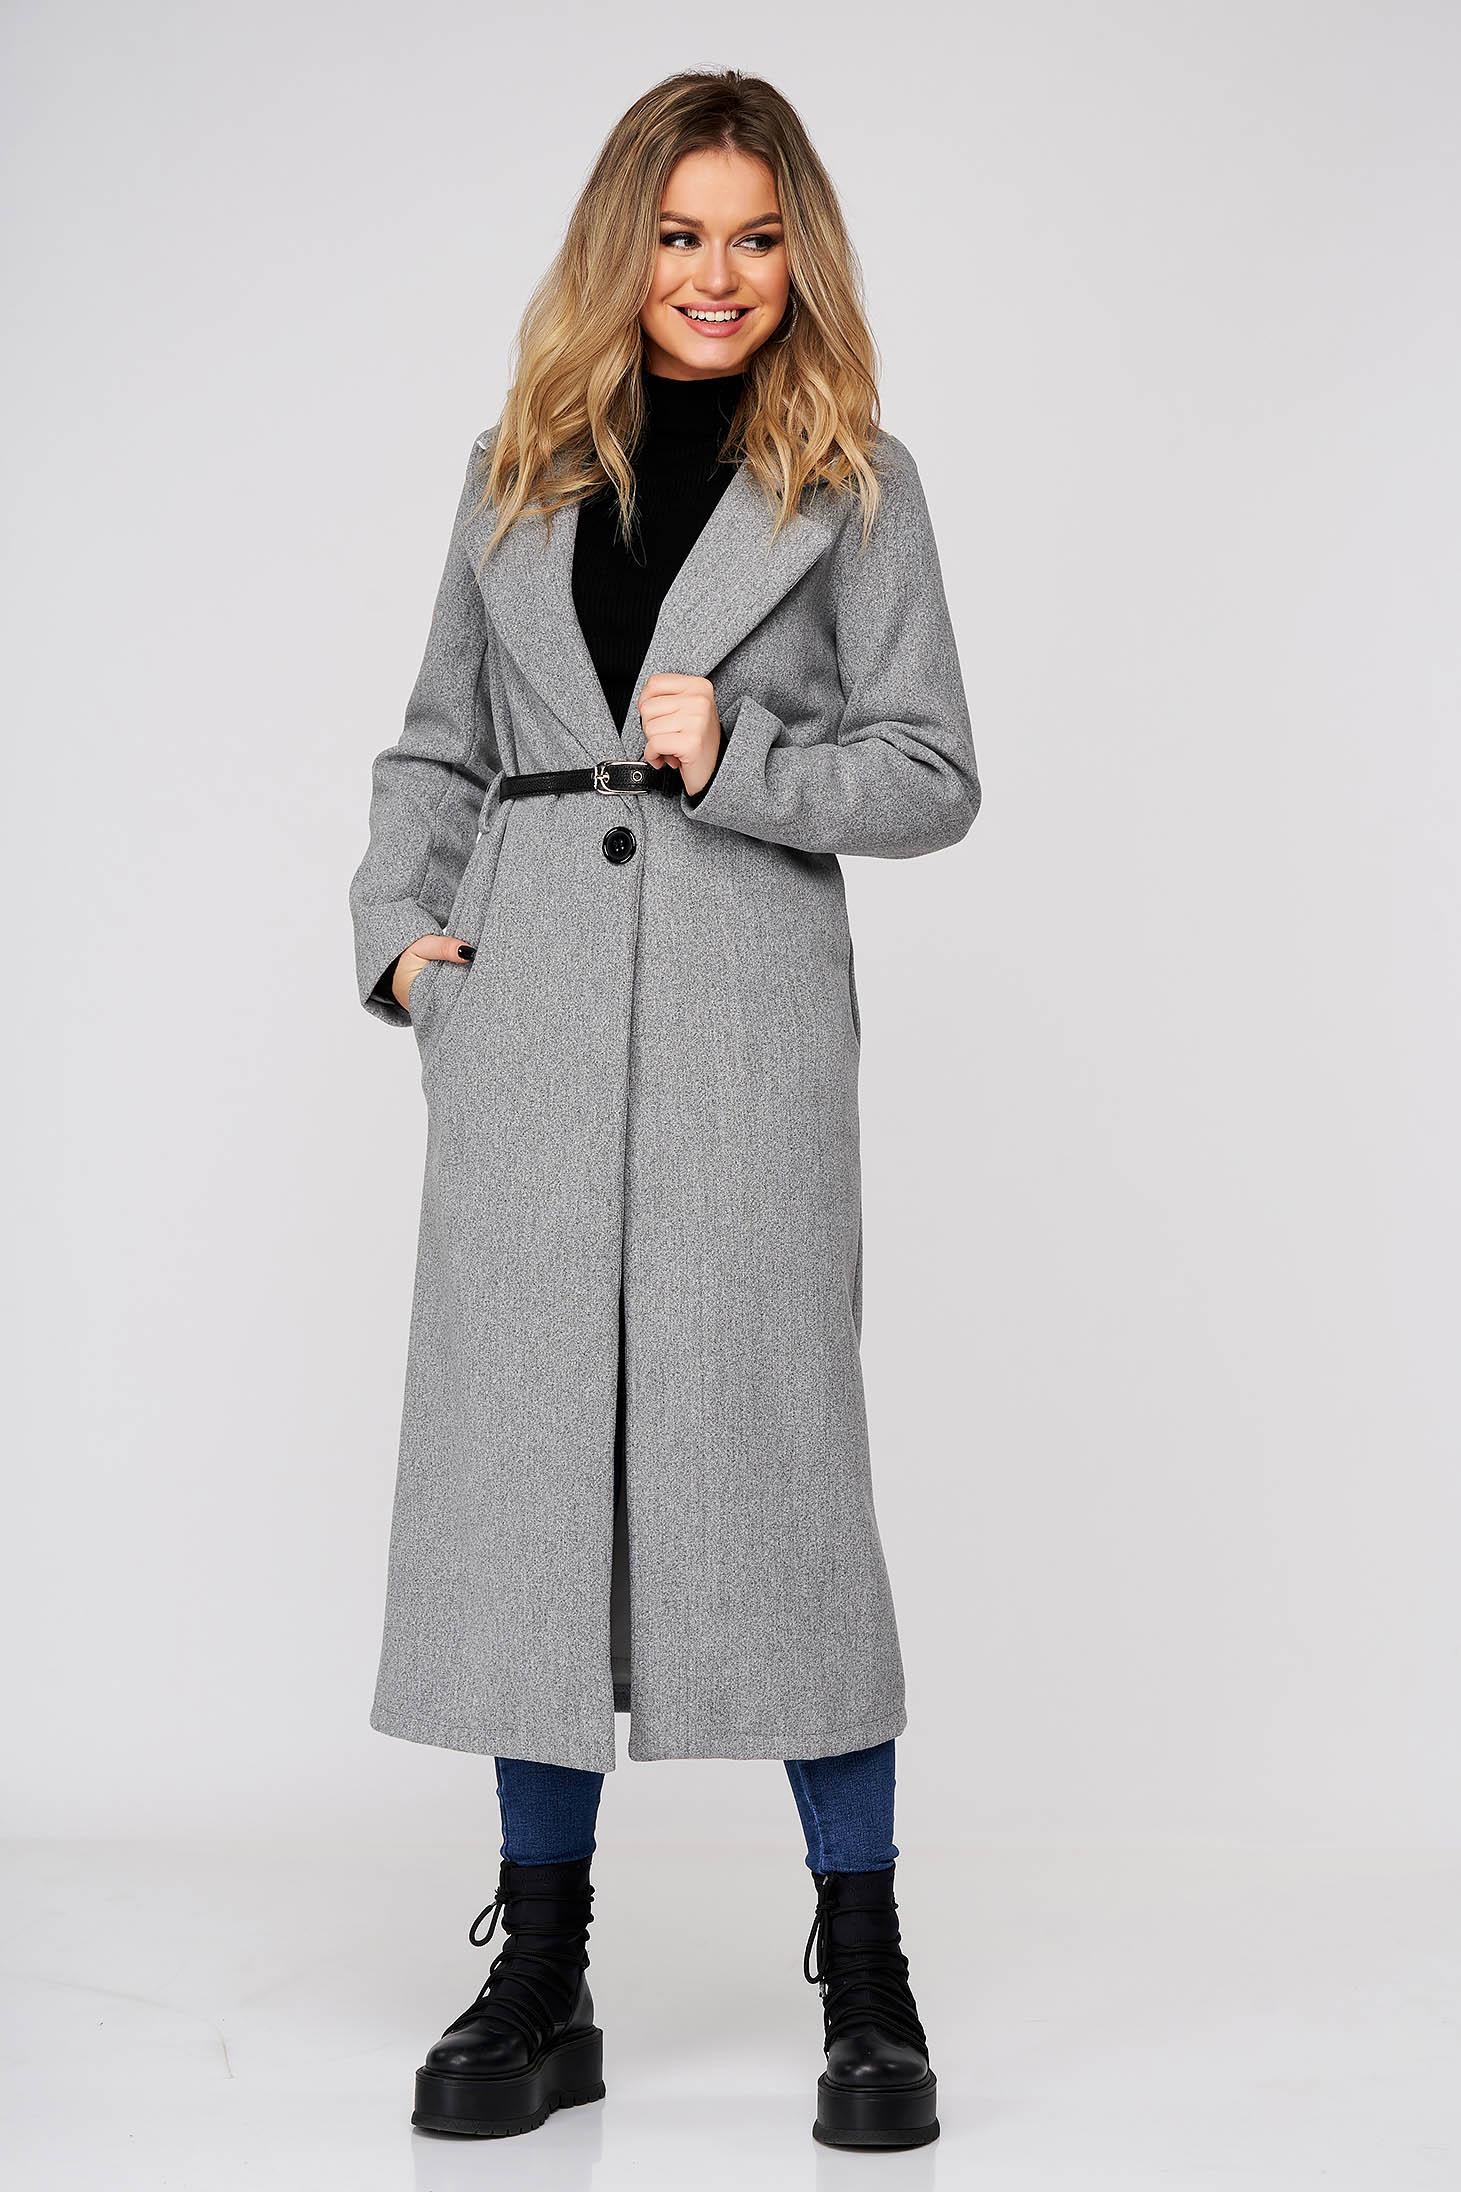 Szürke casual hosszú egyenes kabát szövetből zsebekkel öv típusú kiegészítővel